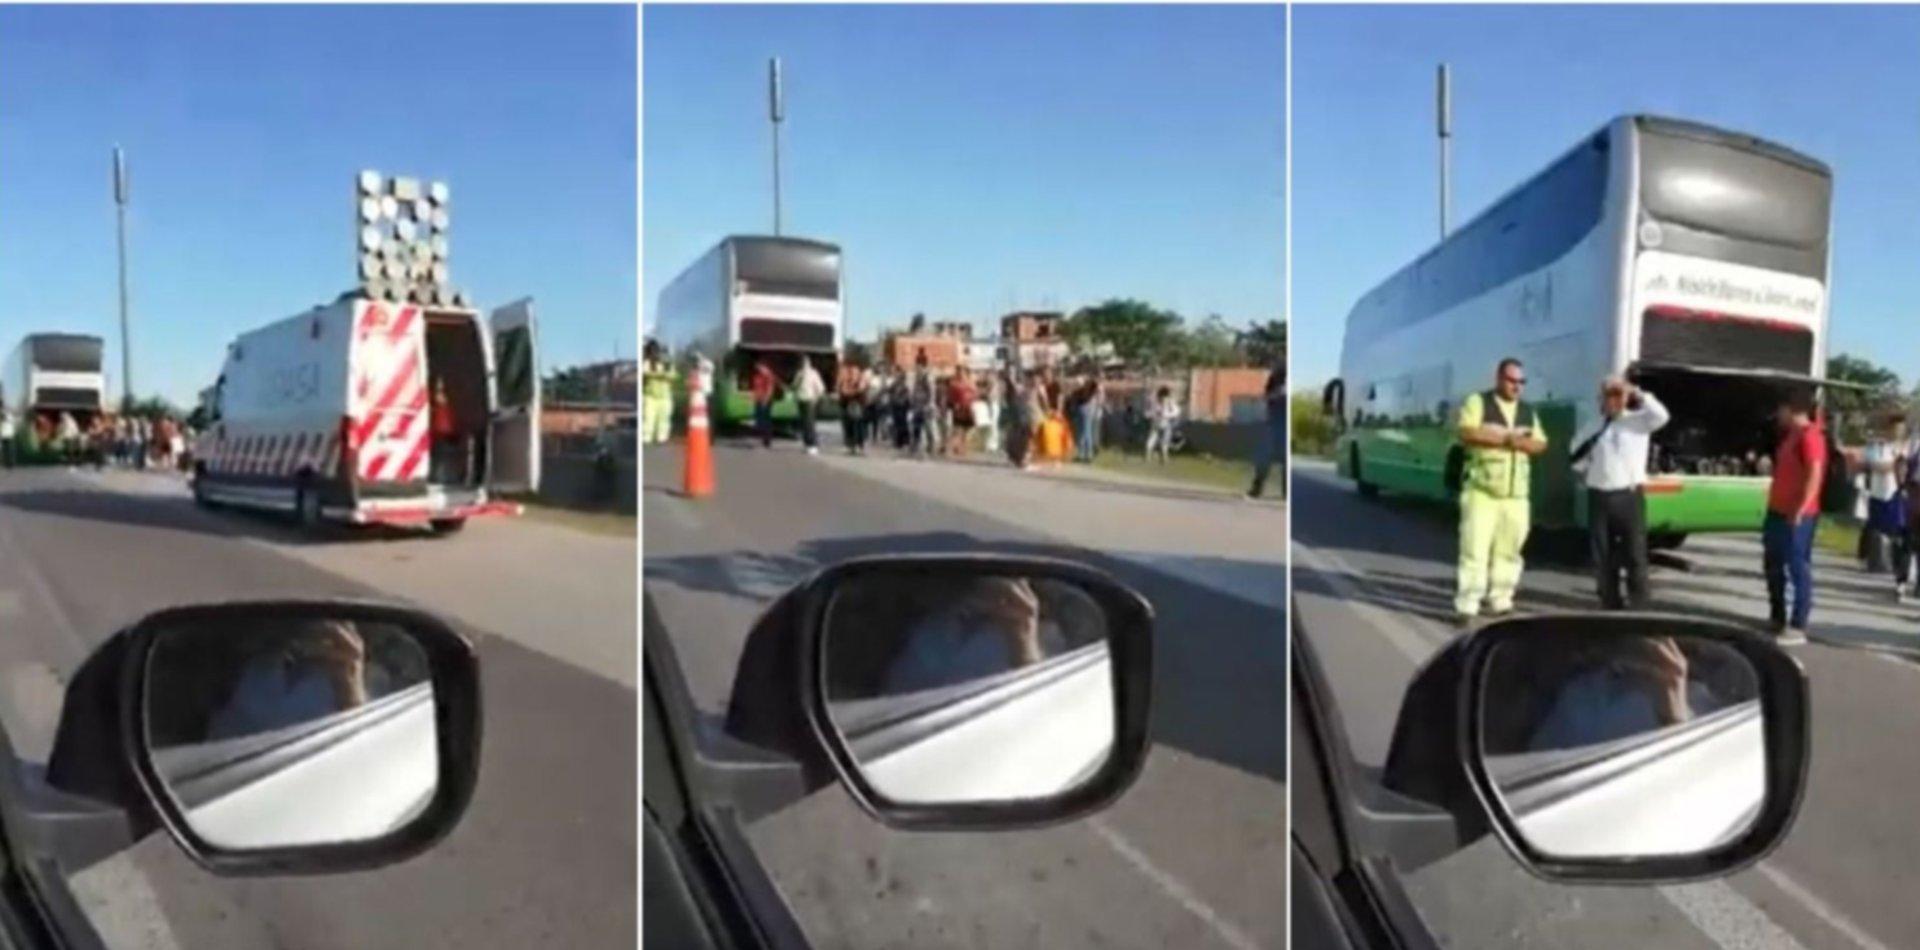 VIDEO: Un micro del exPlaza dejó varados a decenas de vecinos en plena Autopista La Plata-Buenos Aires